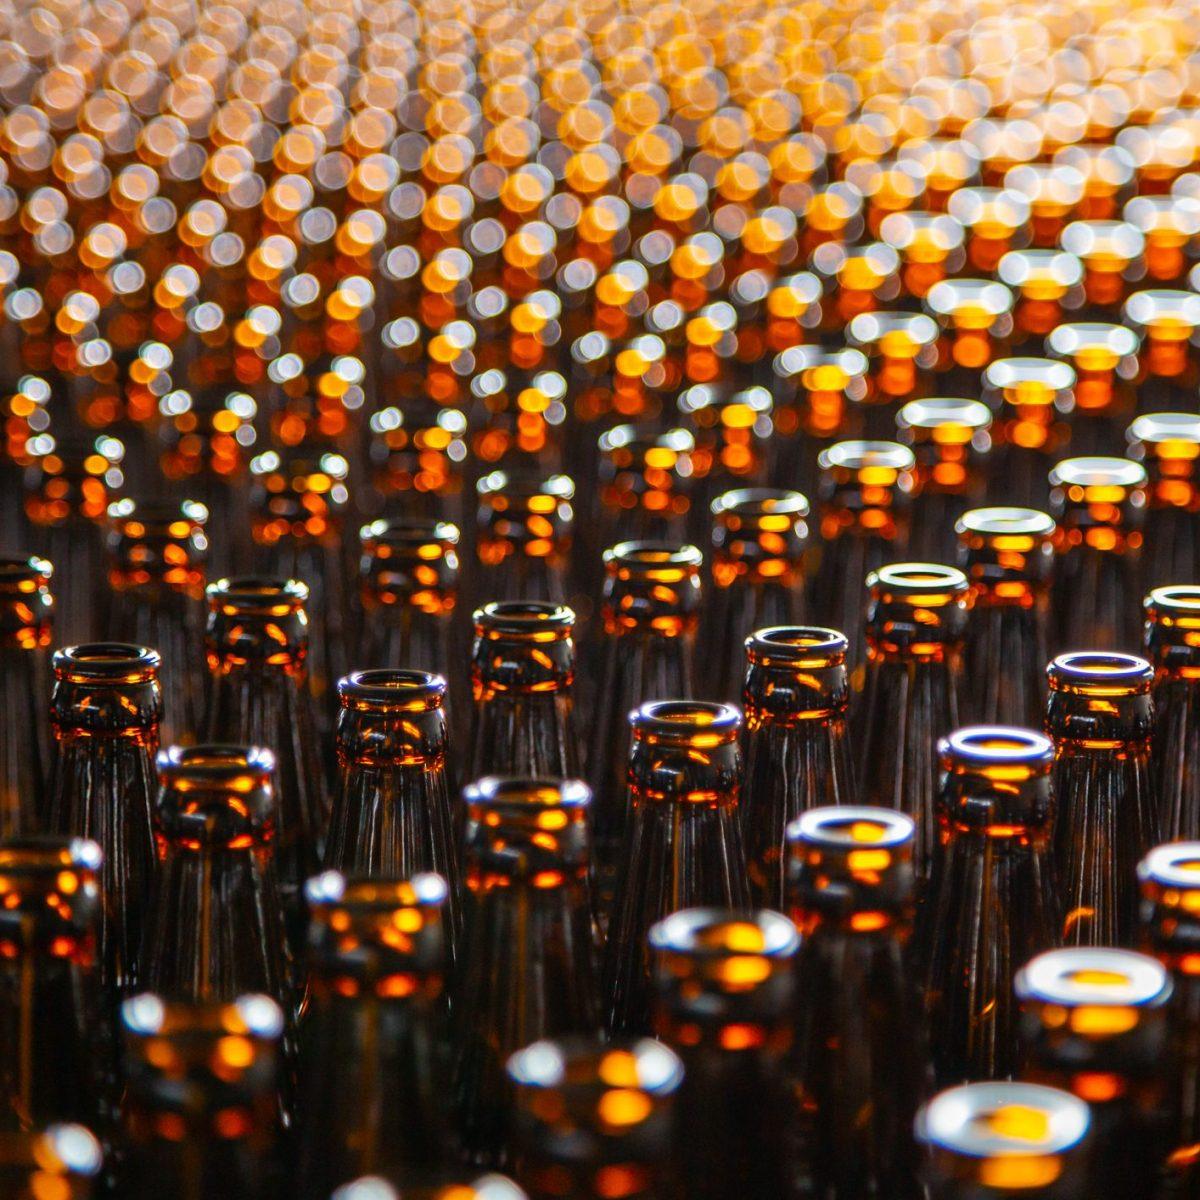 bottiglie-vino.jpg